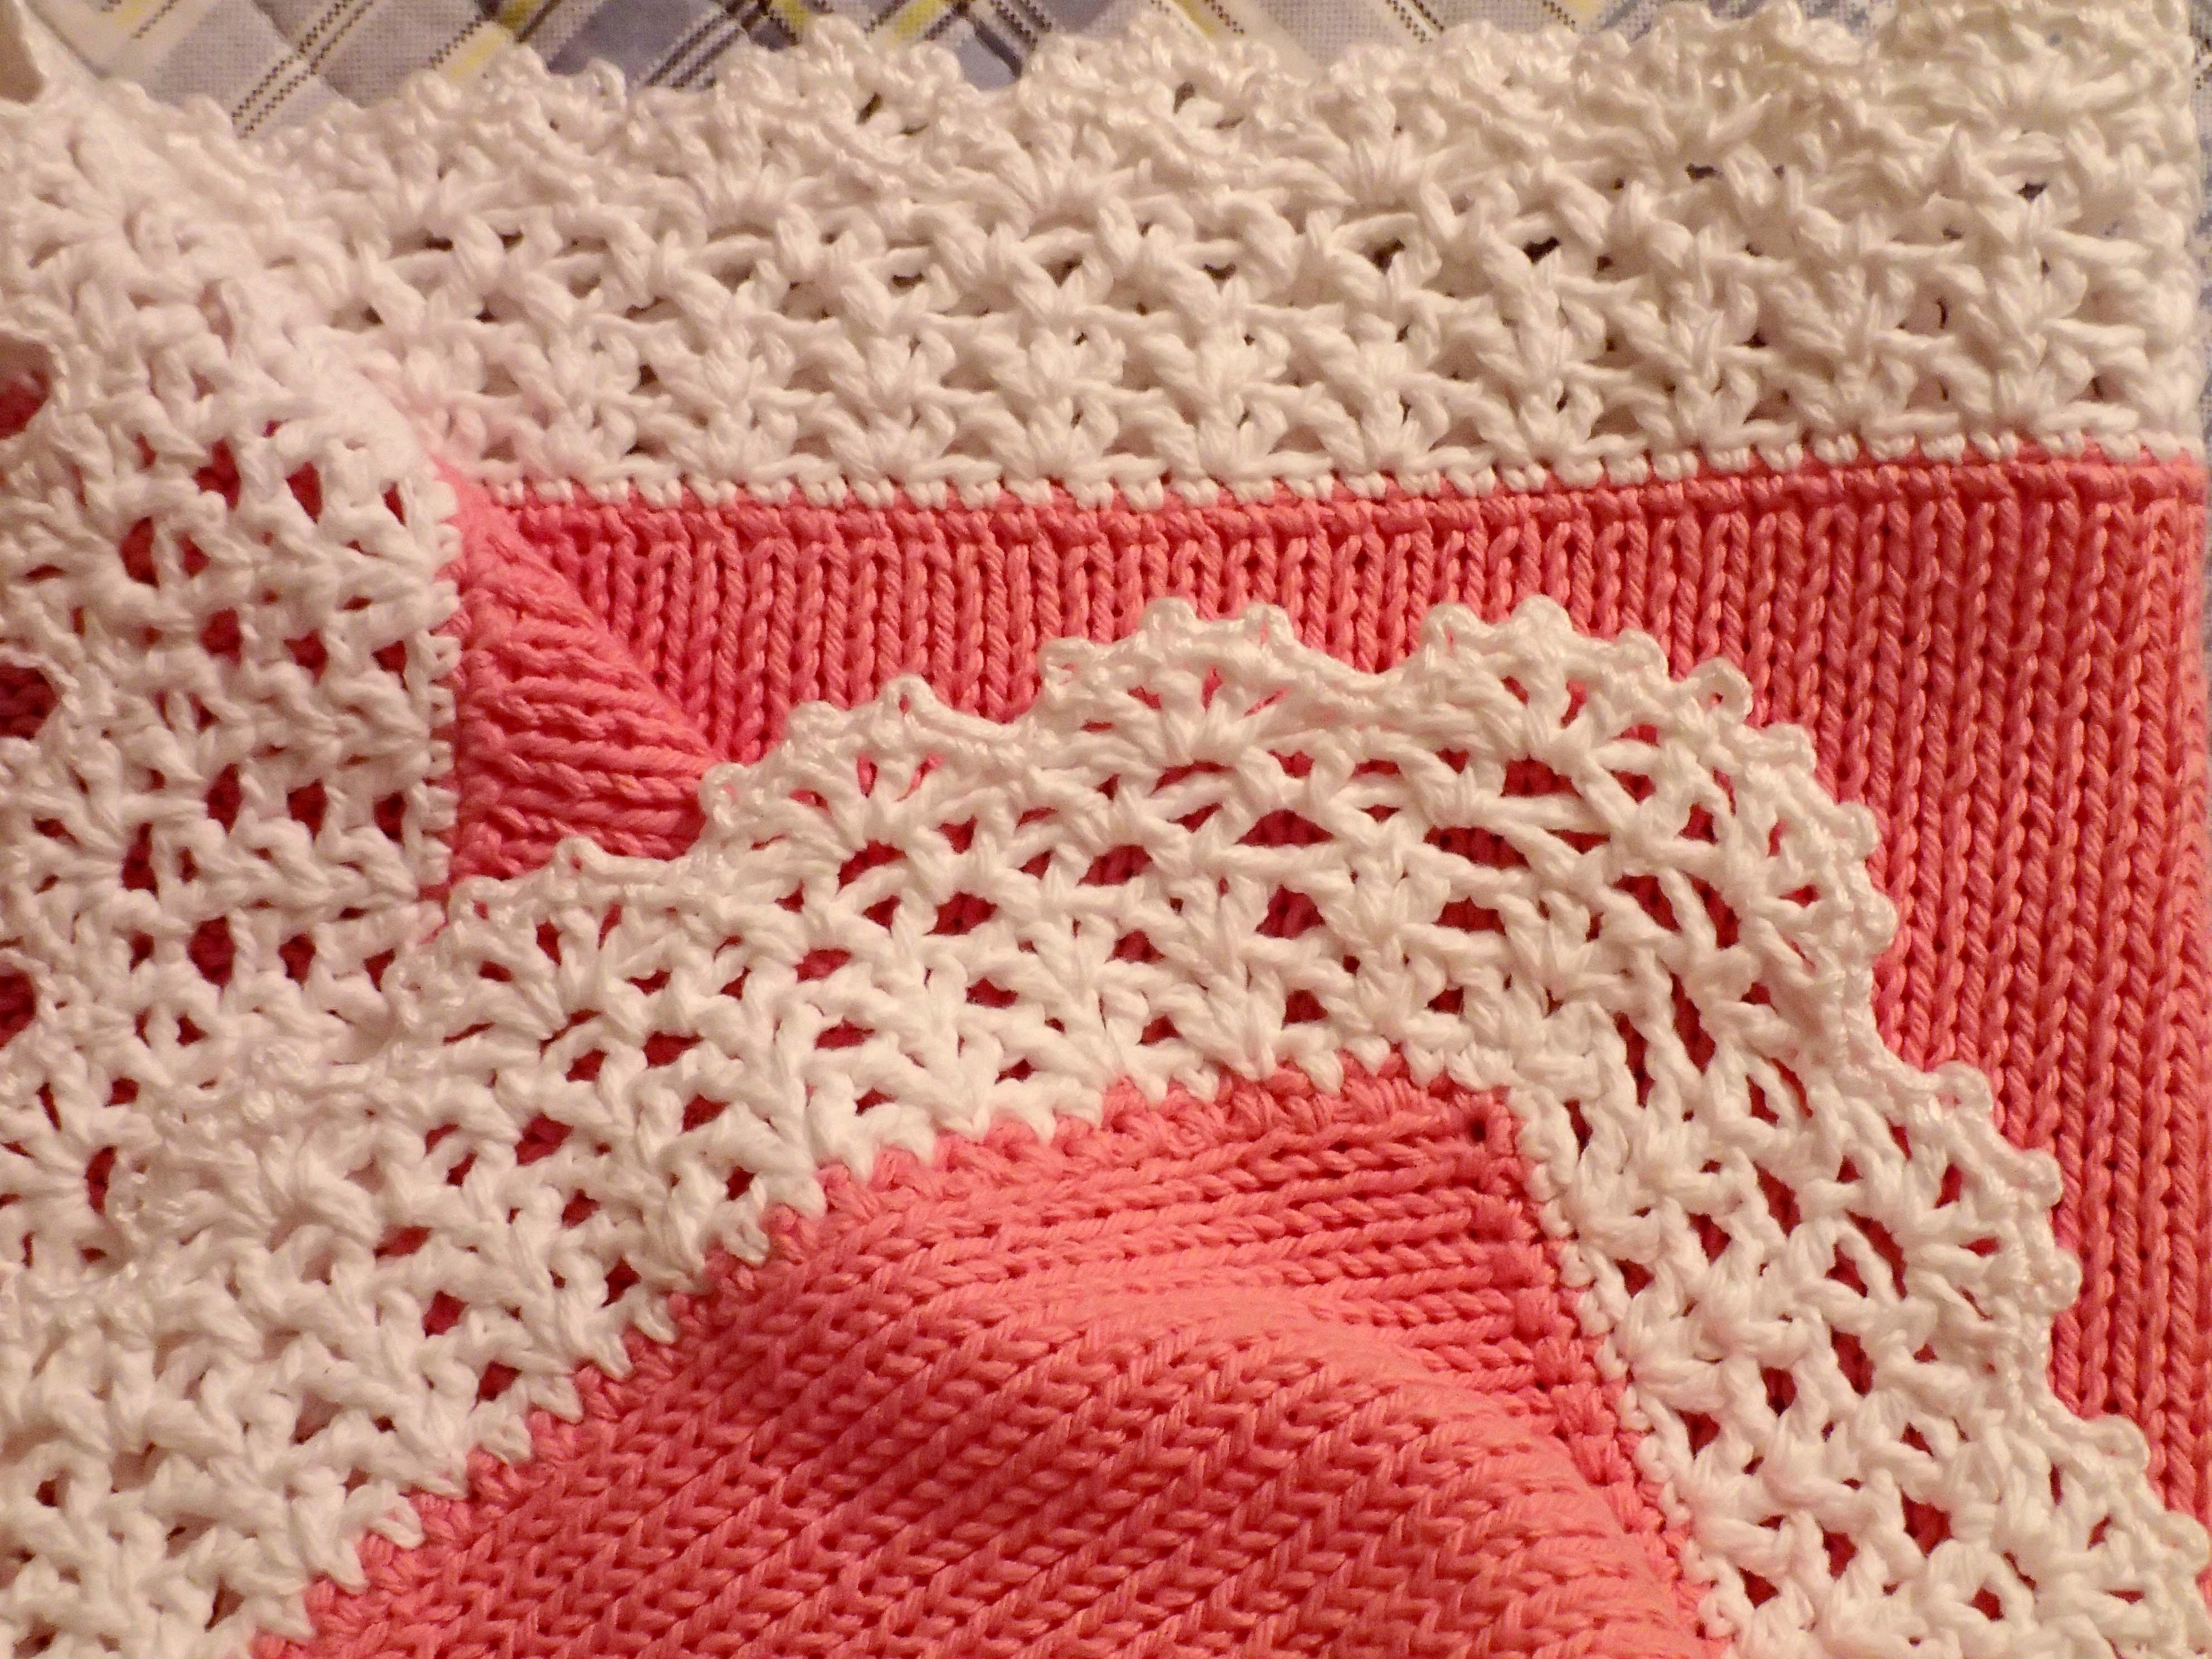 Kostenlose foto : Weiß, Muster, Rosa, Material, häkeln, Stricken ...